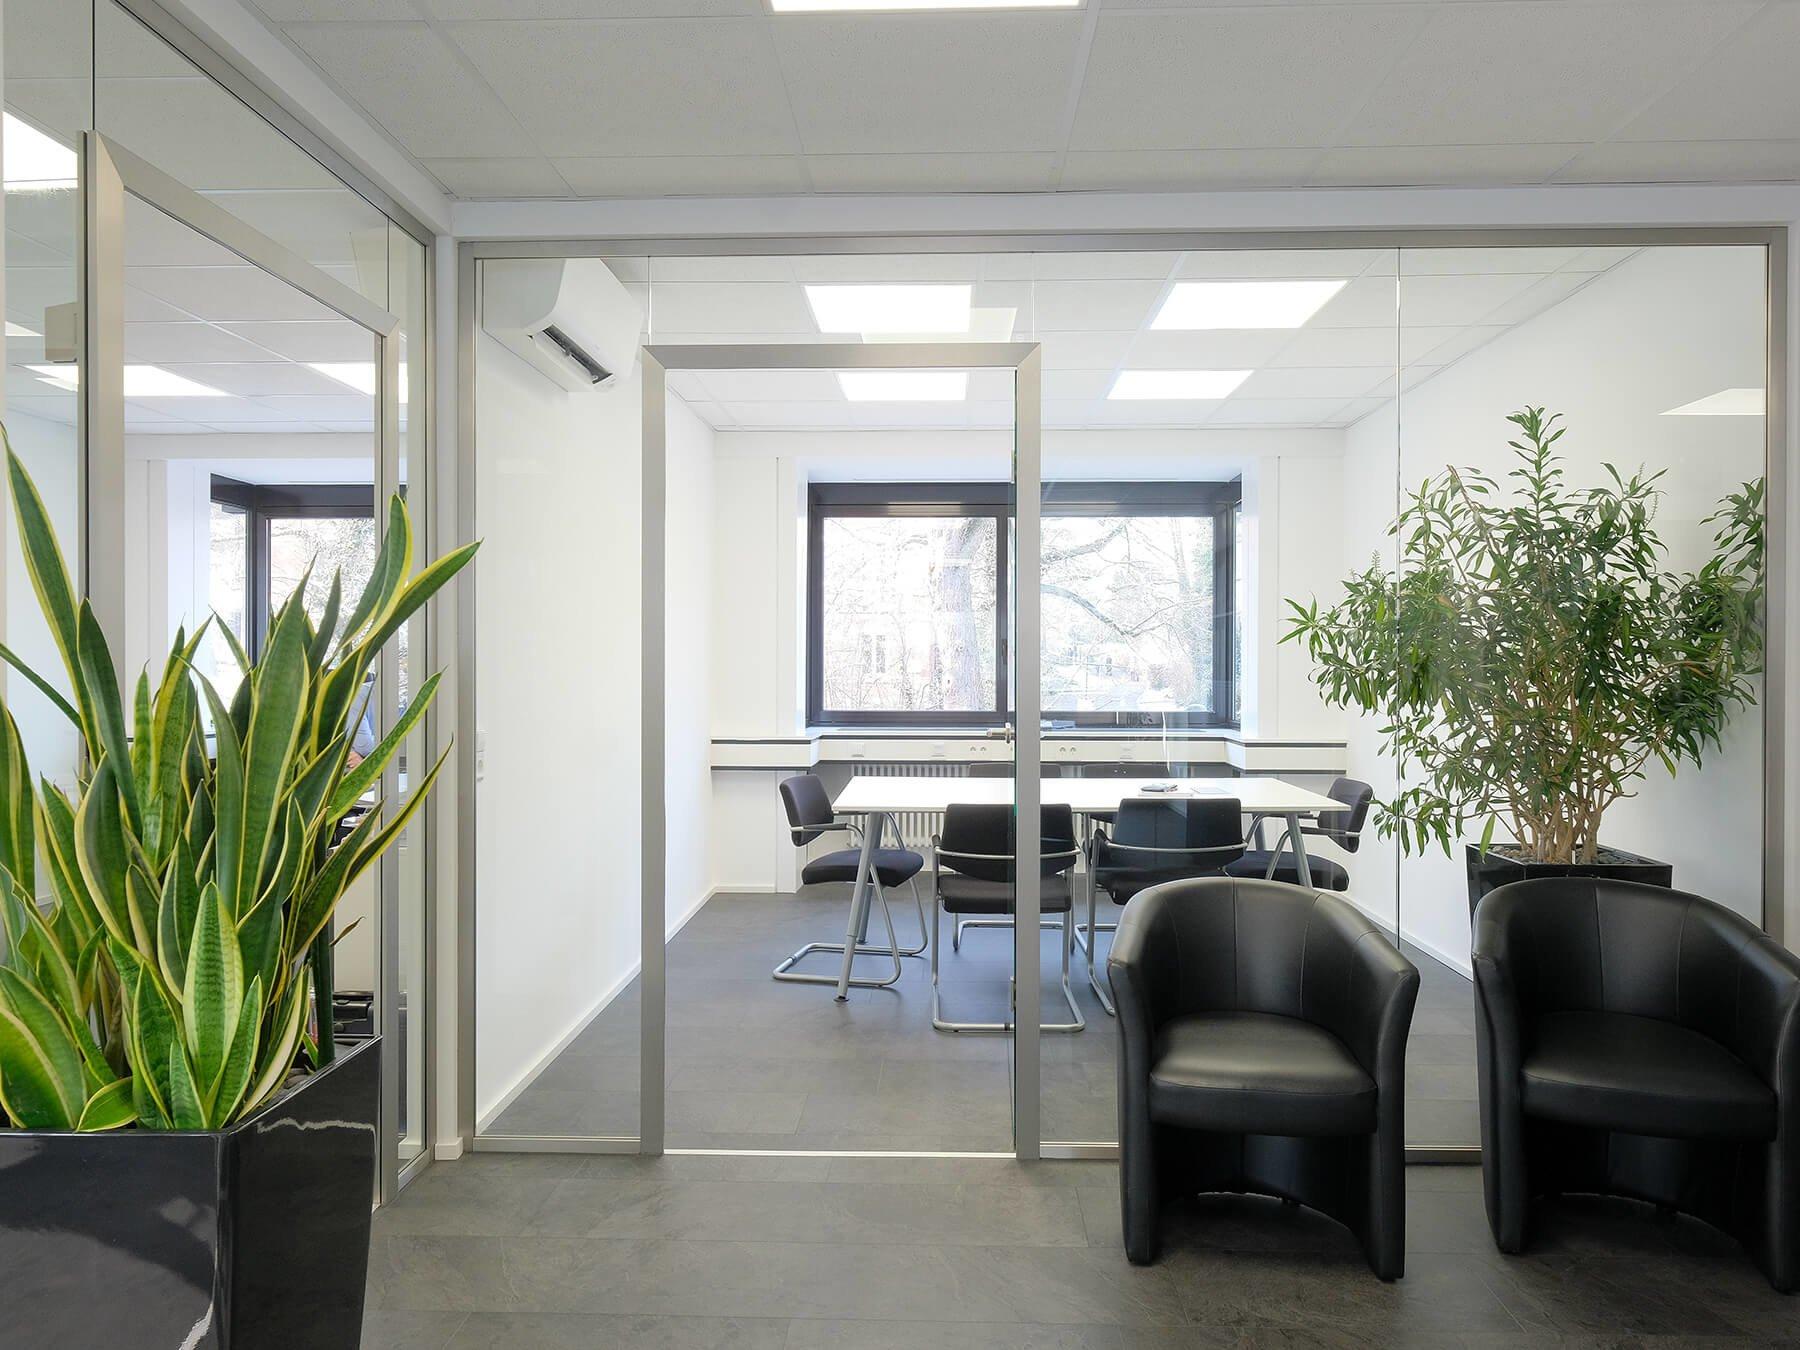 Glastrennwand mit umlaufenden Haltern im Büro